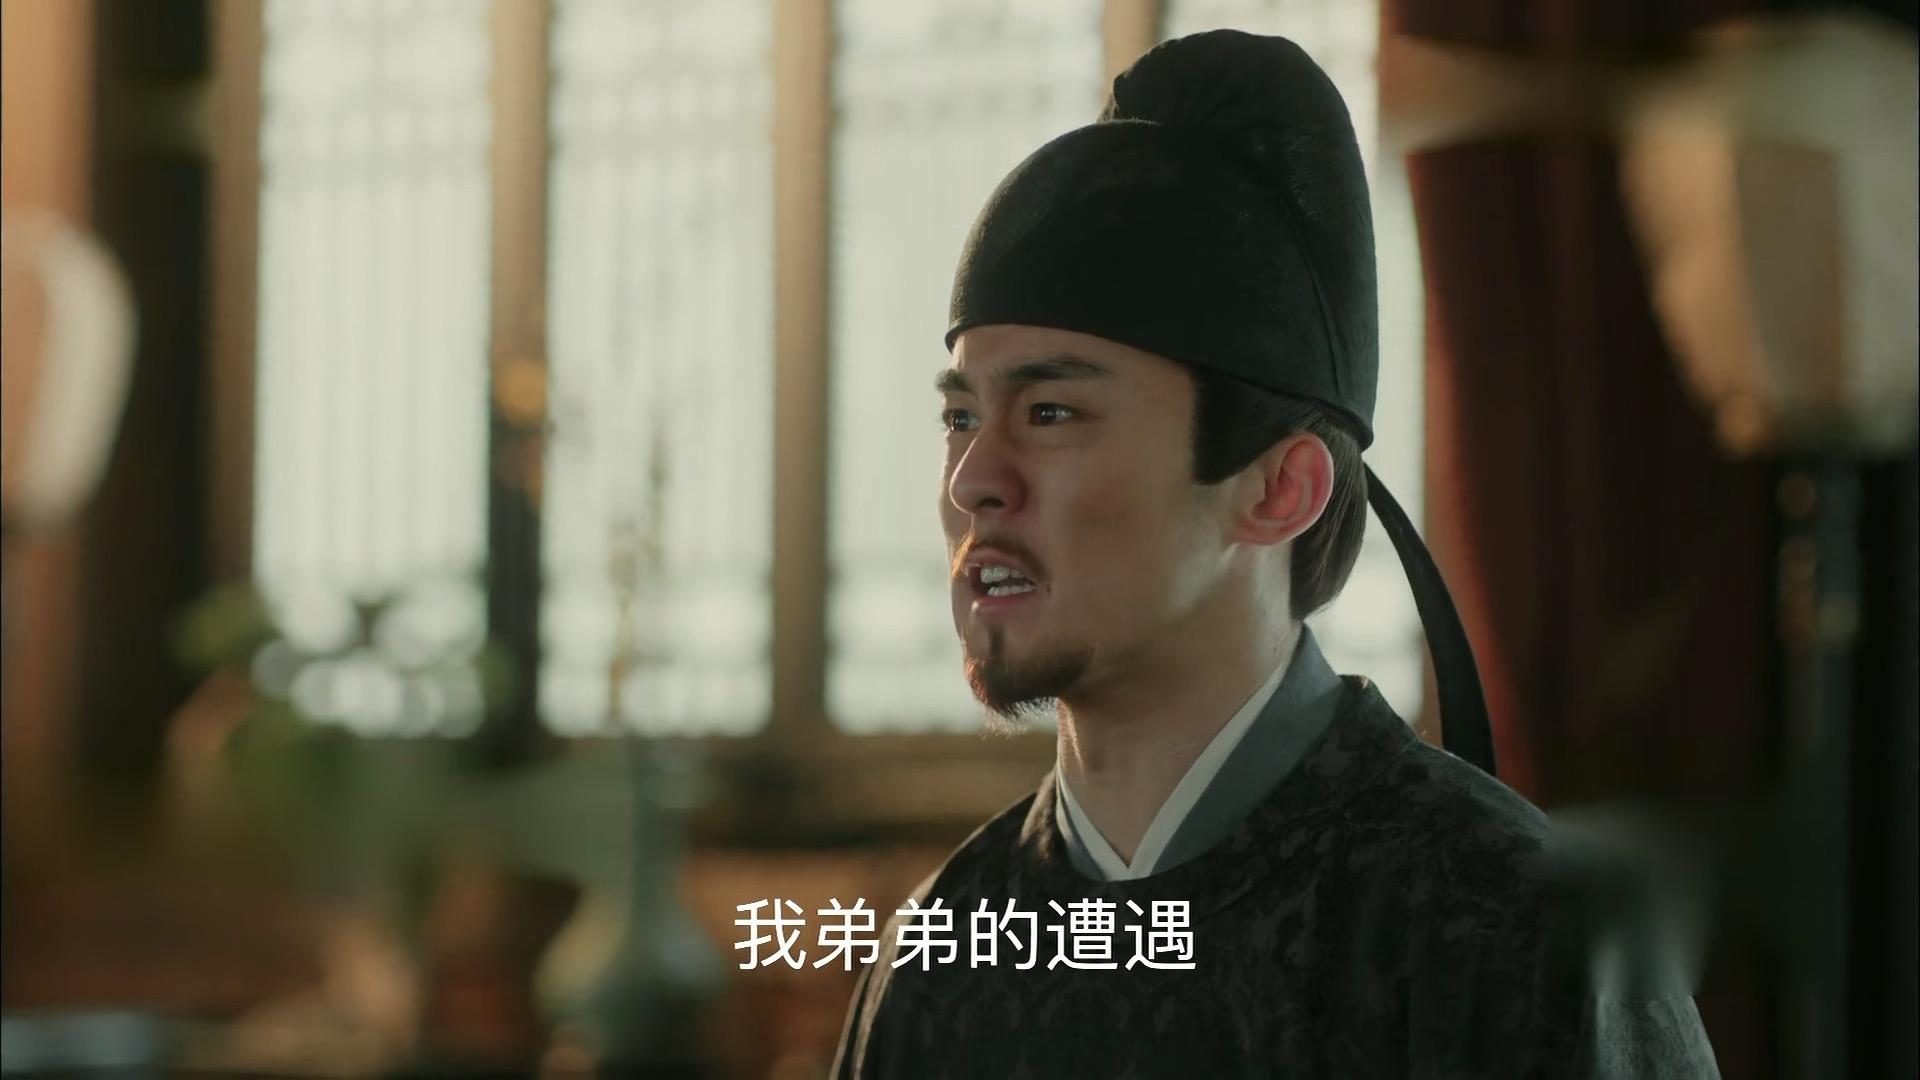 《清平乐》大臣们杀怀吉,韩琦把怀吉真实身份说出,官家心痛落泪